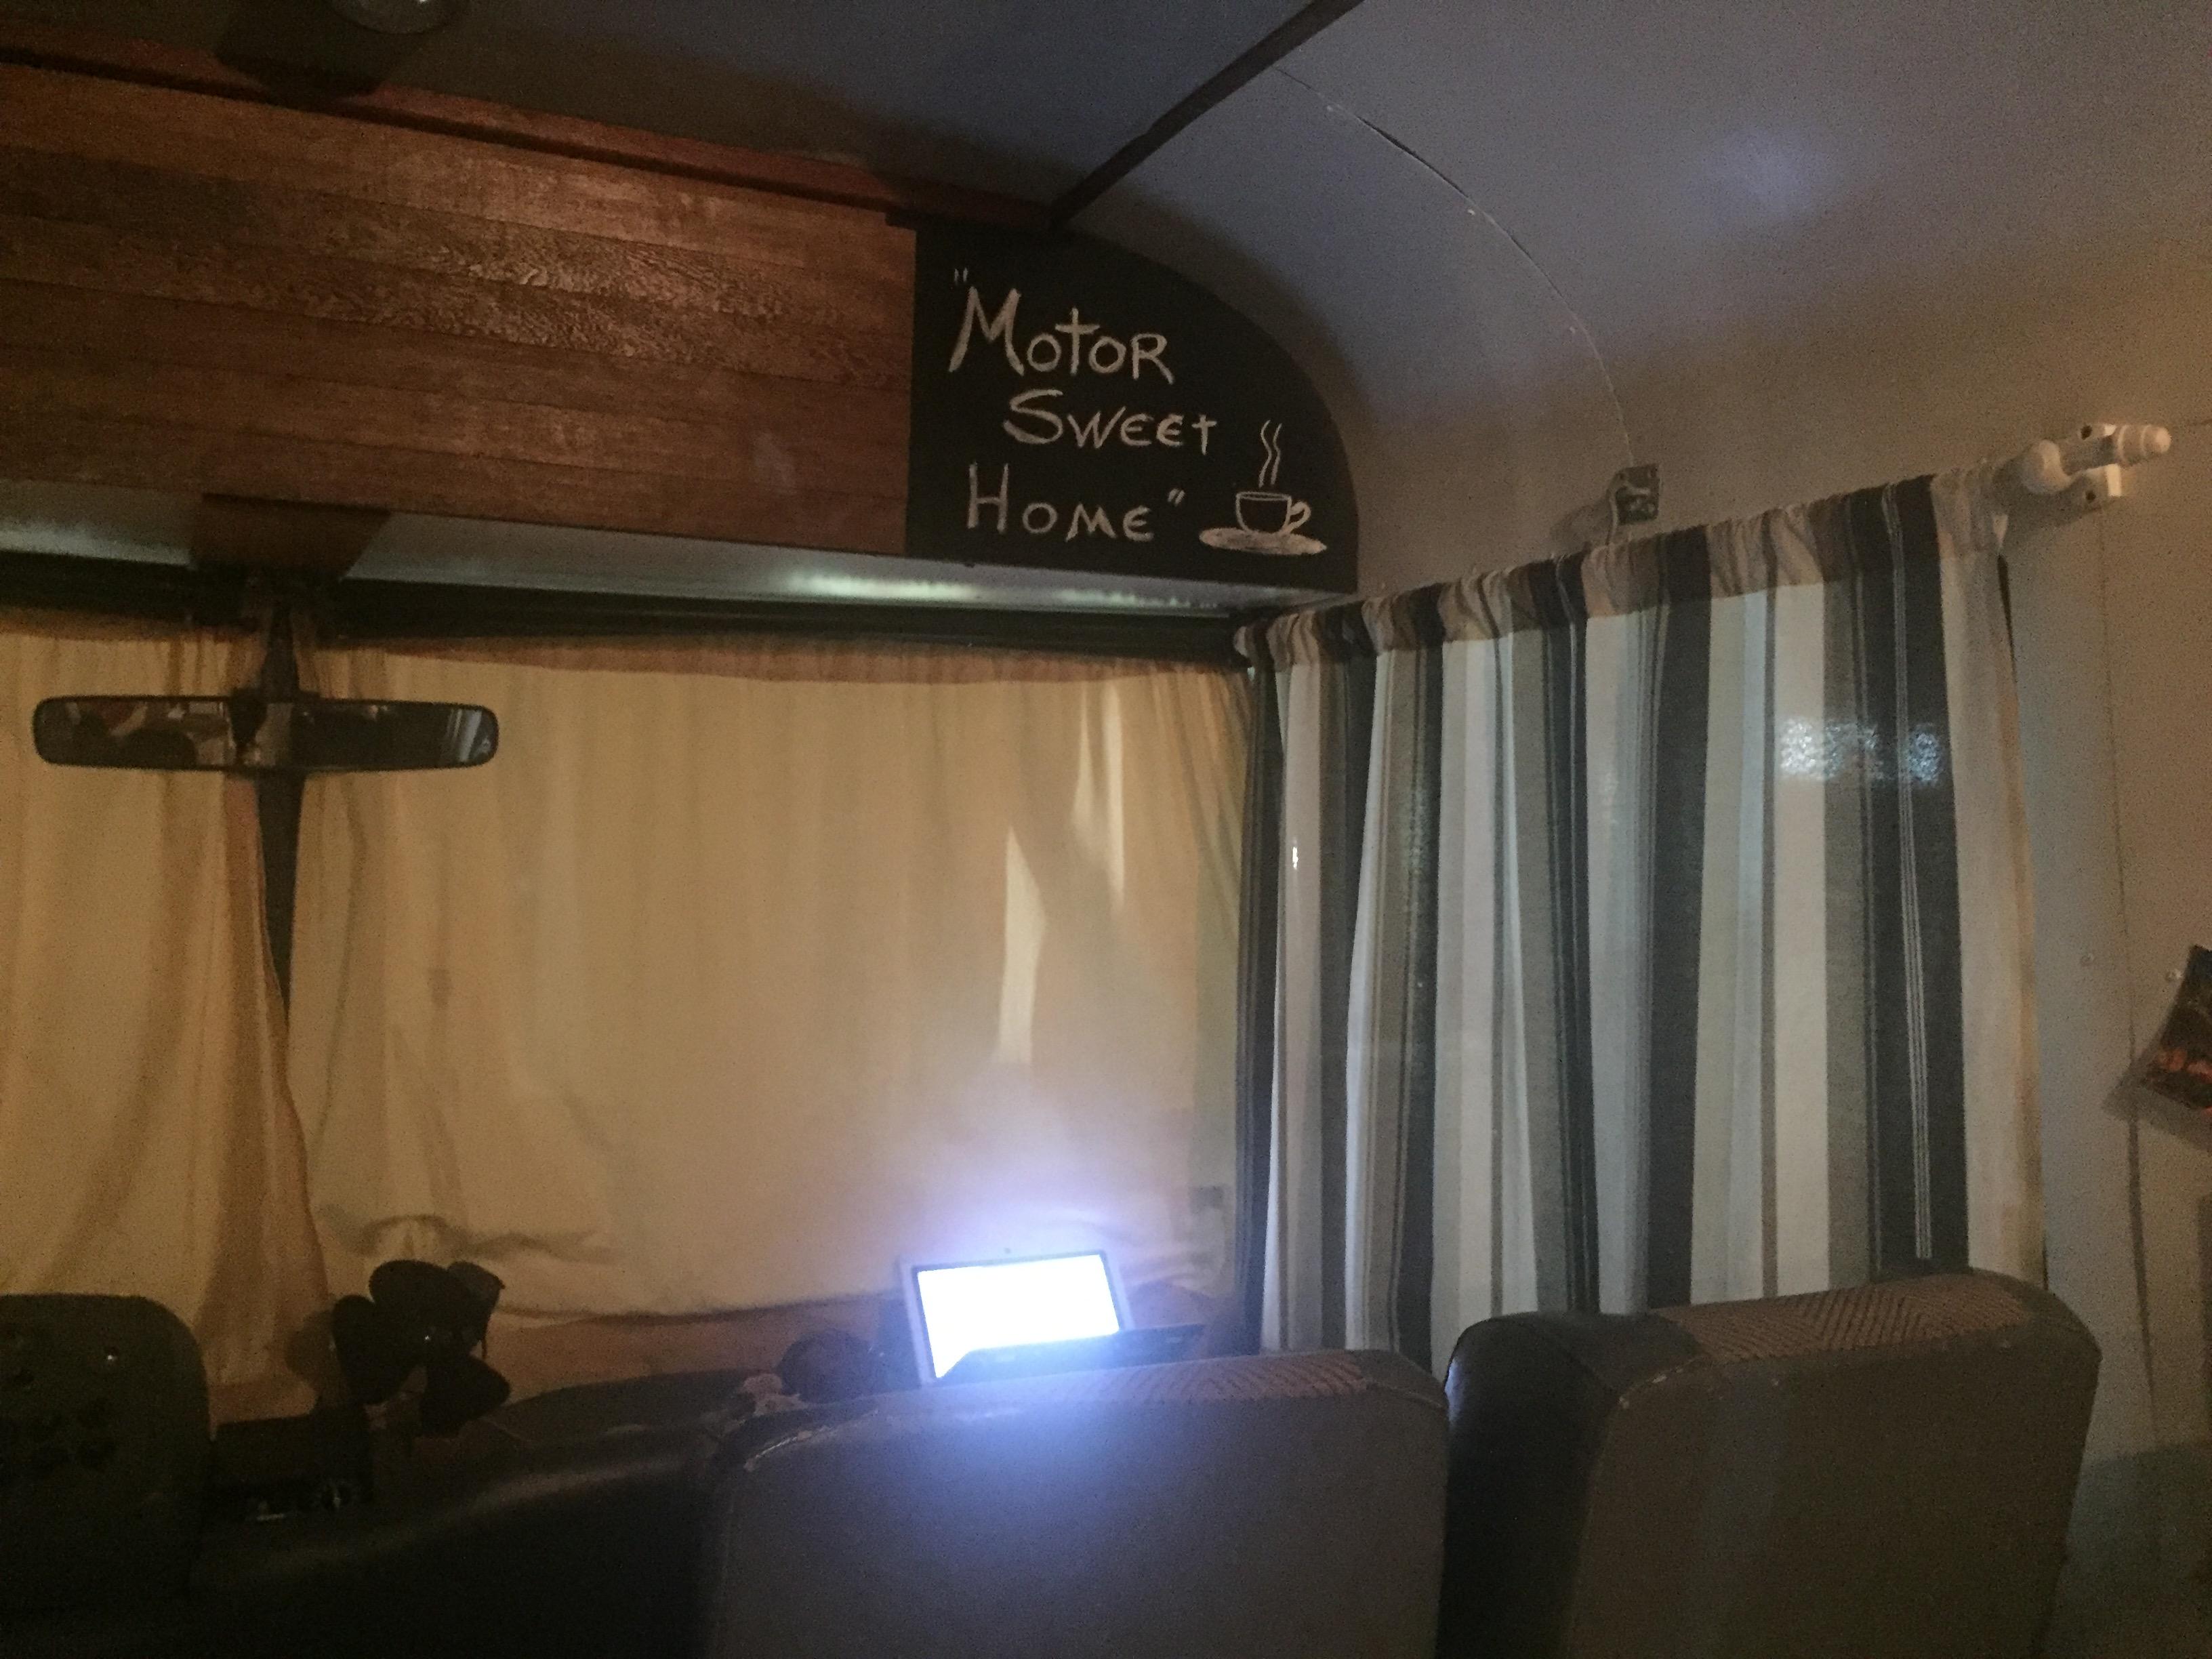 Cafeteria é um motorhome que acompanha a família desde 1994 (Fotos: Lara Paiva)